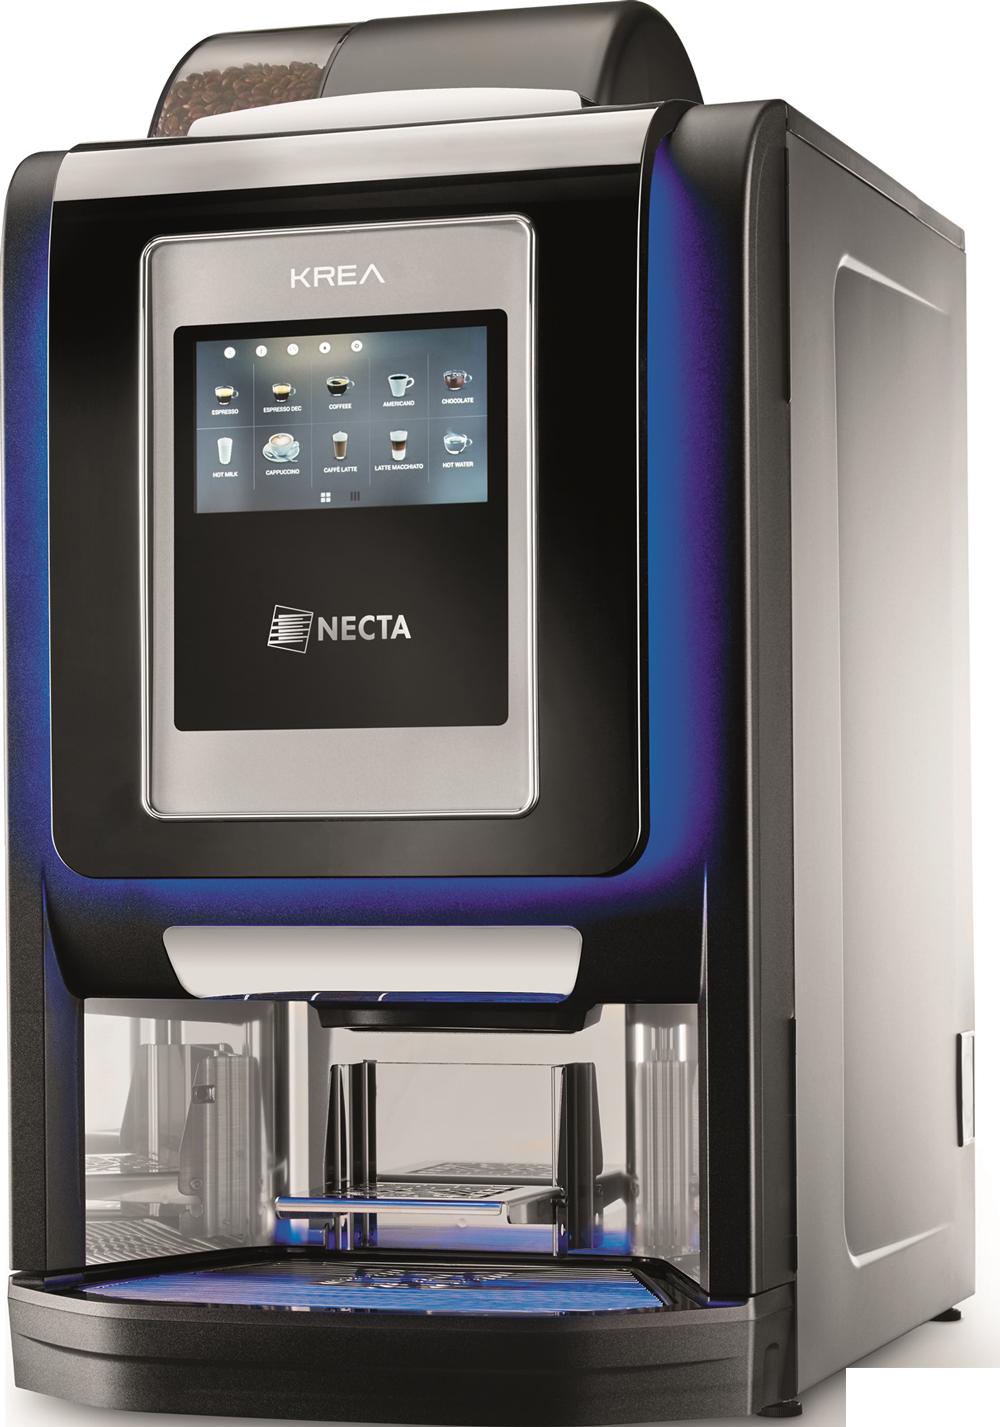 Necta Krea Touch